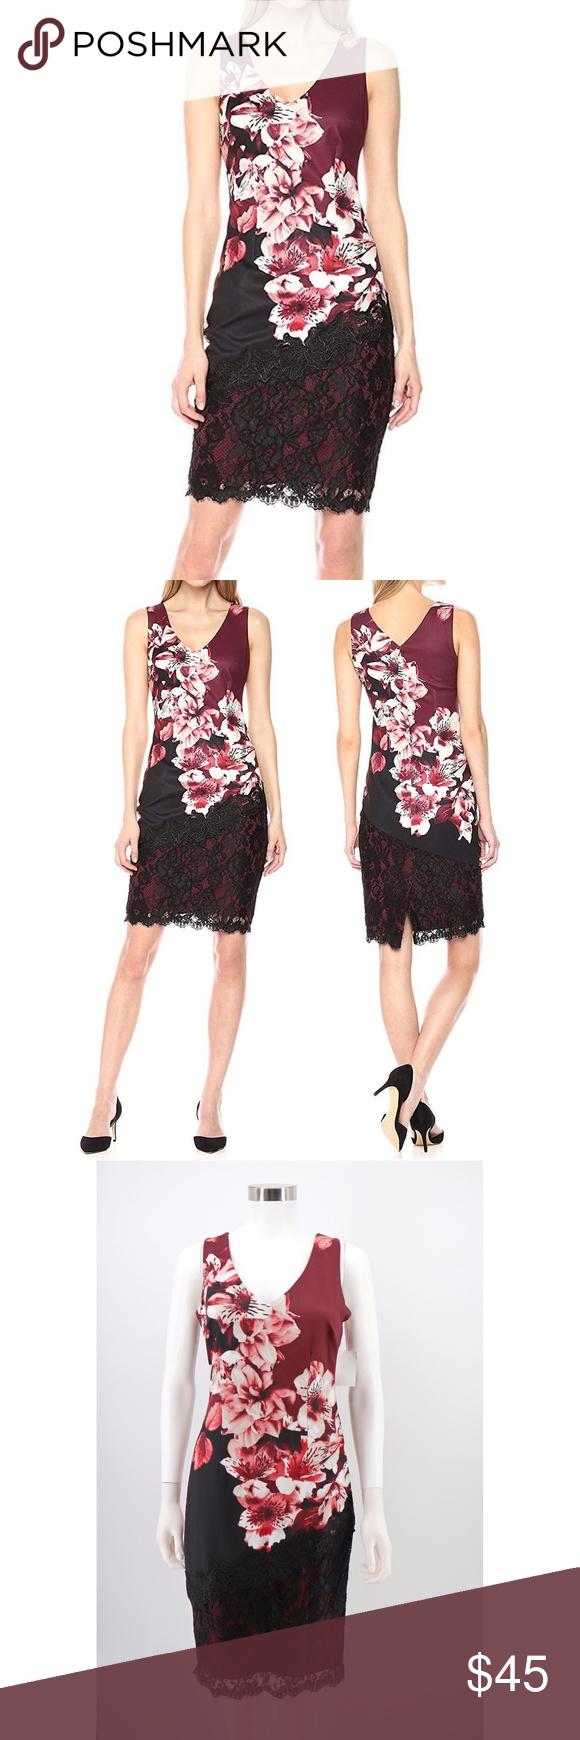 53d0c8dcef Jax Black Label Floral Lace Detail Sheath Dress NWT Jax Black Label Floral  Print Lace Detail